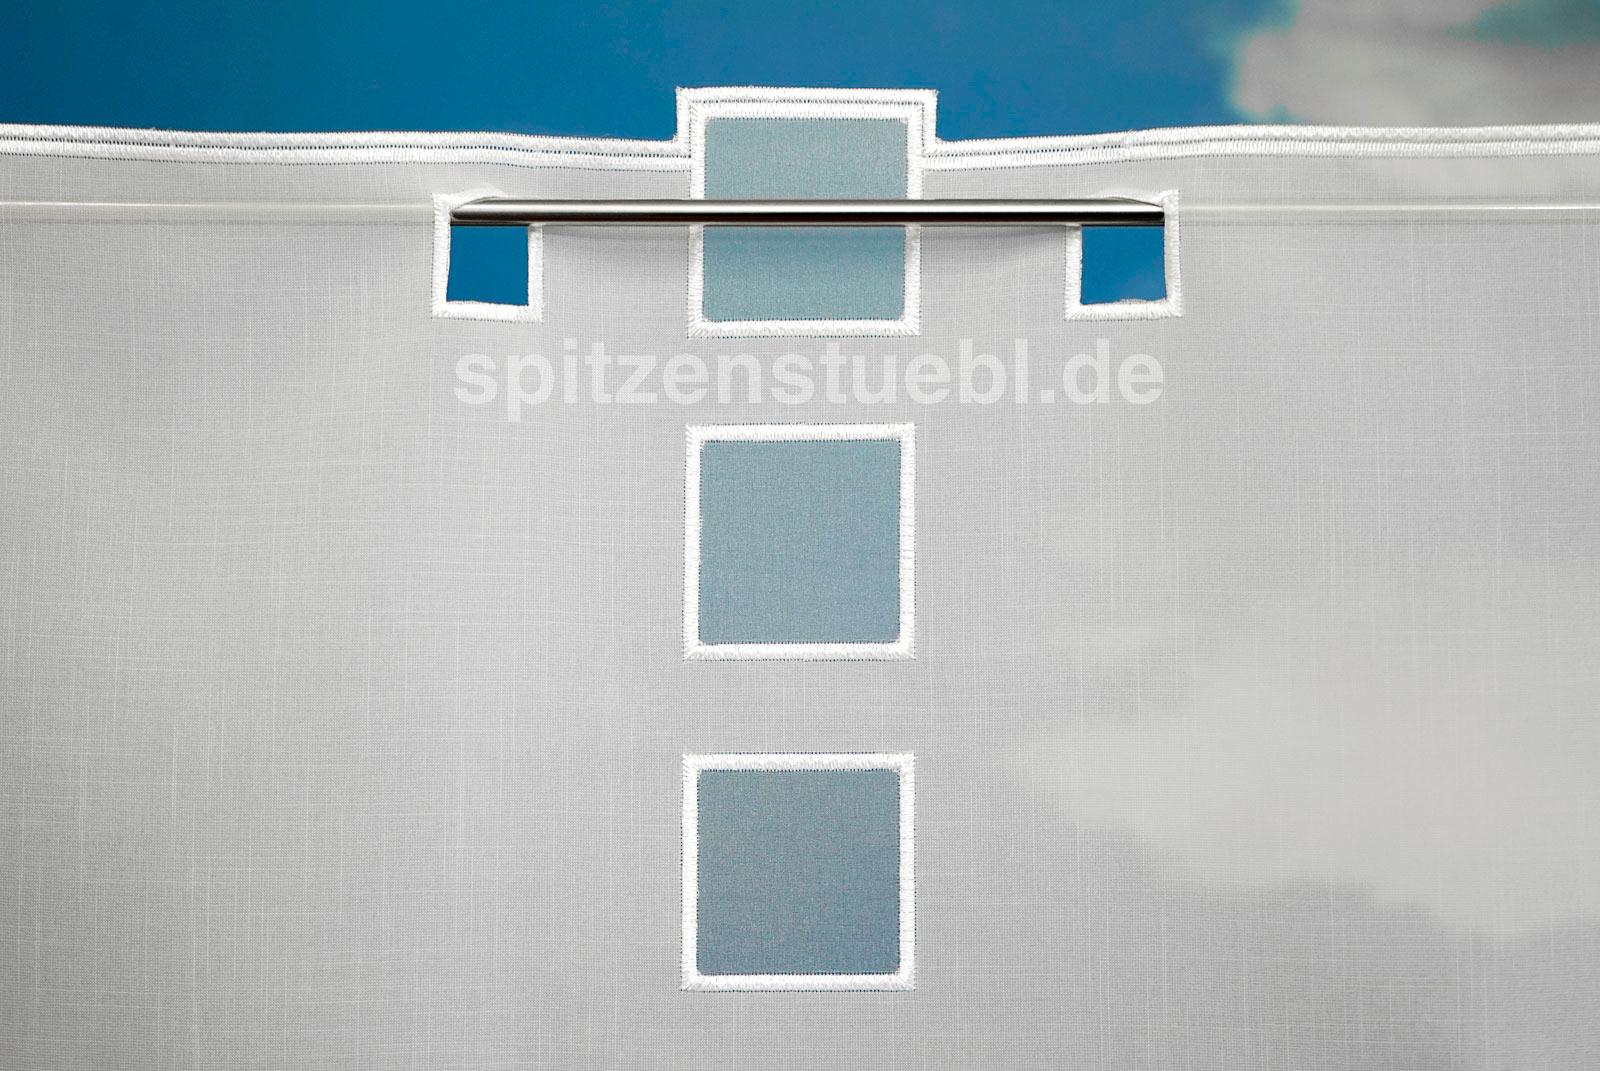 Full Size of Scheibengardinen Modern Moderne Kurzgardinen Schneeballspitze Plauener Spitze Bilder Fürs Wohnzimmer Modernes Sofa Bett Küche Deckenleuchte Tapete Wohnzimmer Scheibengardinen Modern